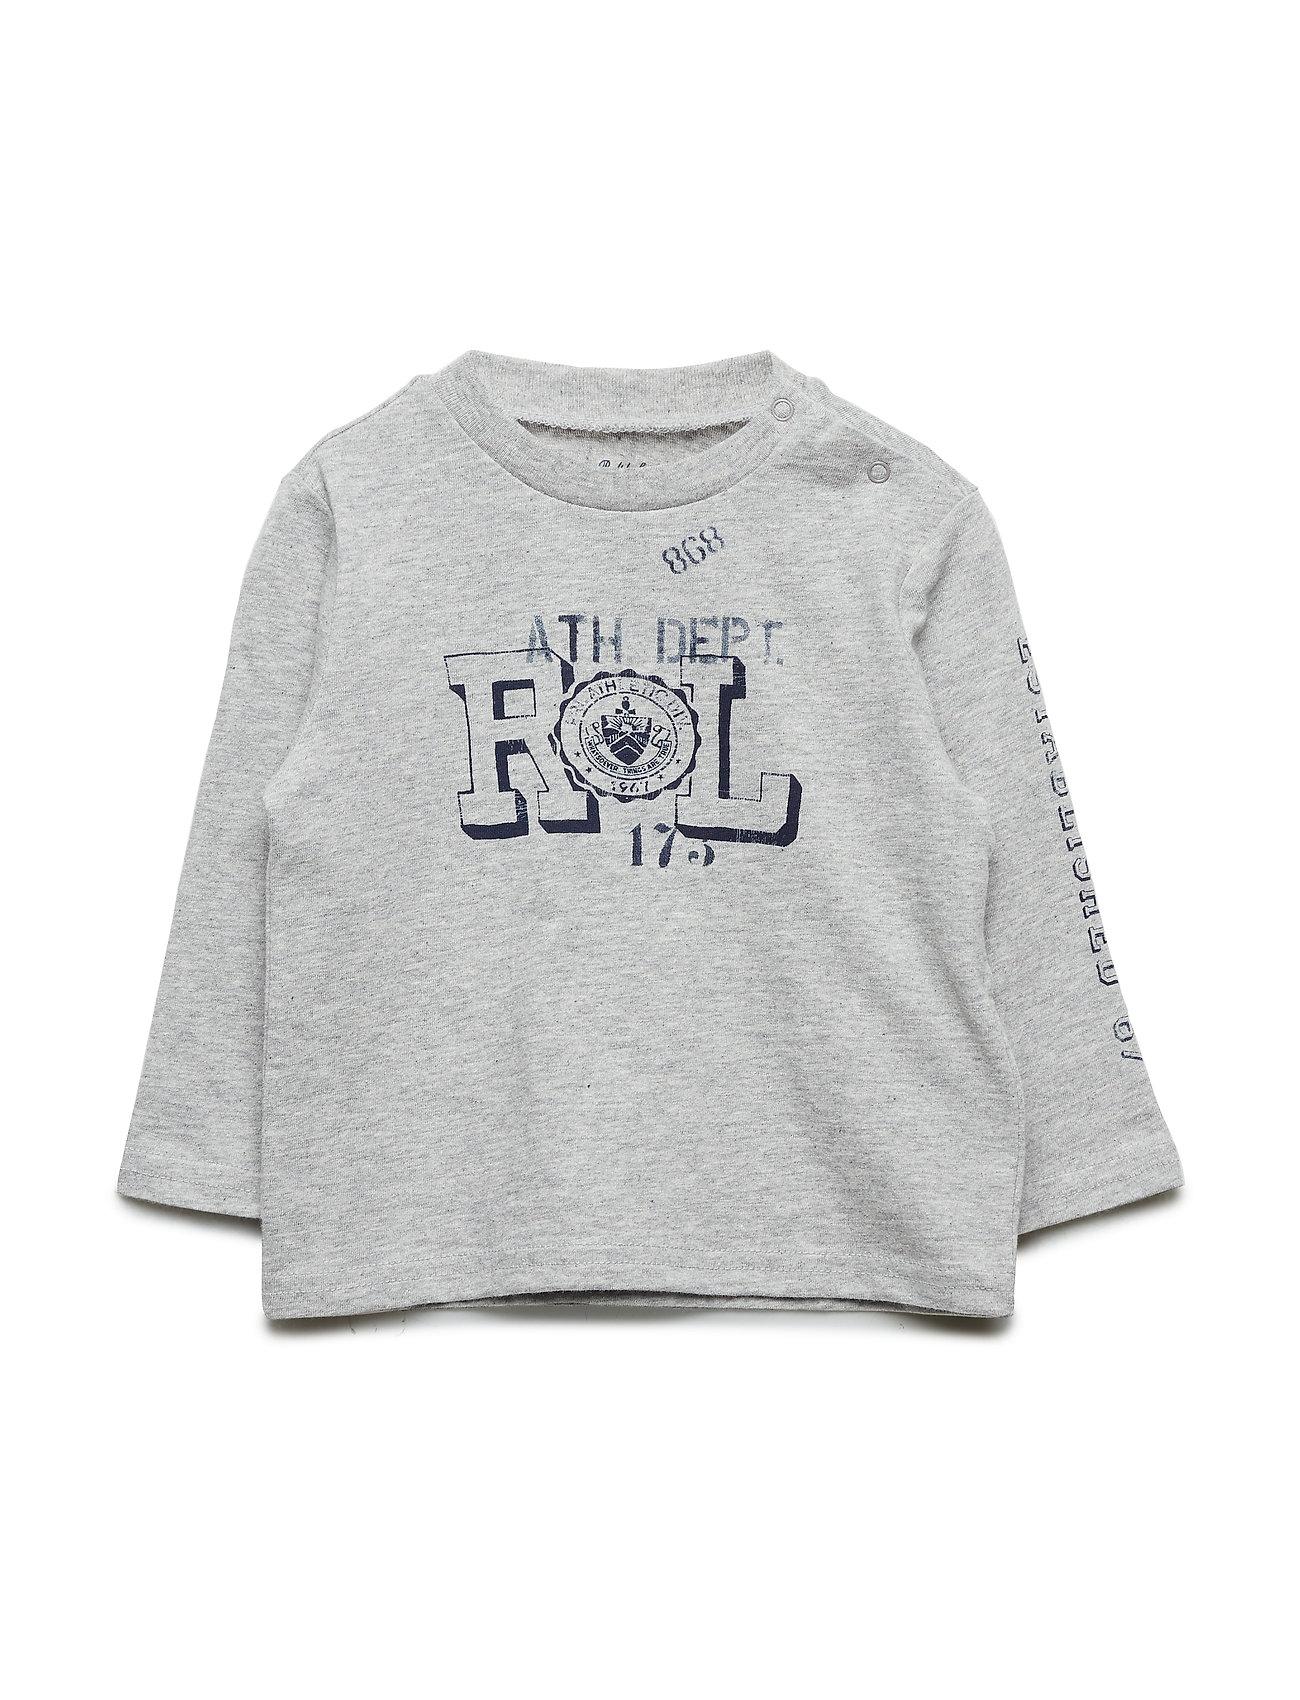 Ralph Lauren Baby Graphic Long-Sleeve Cotton Tee - LT GREY HEATHER